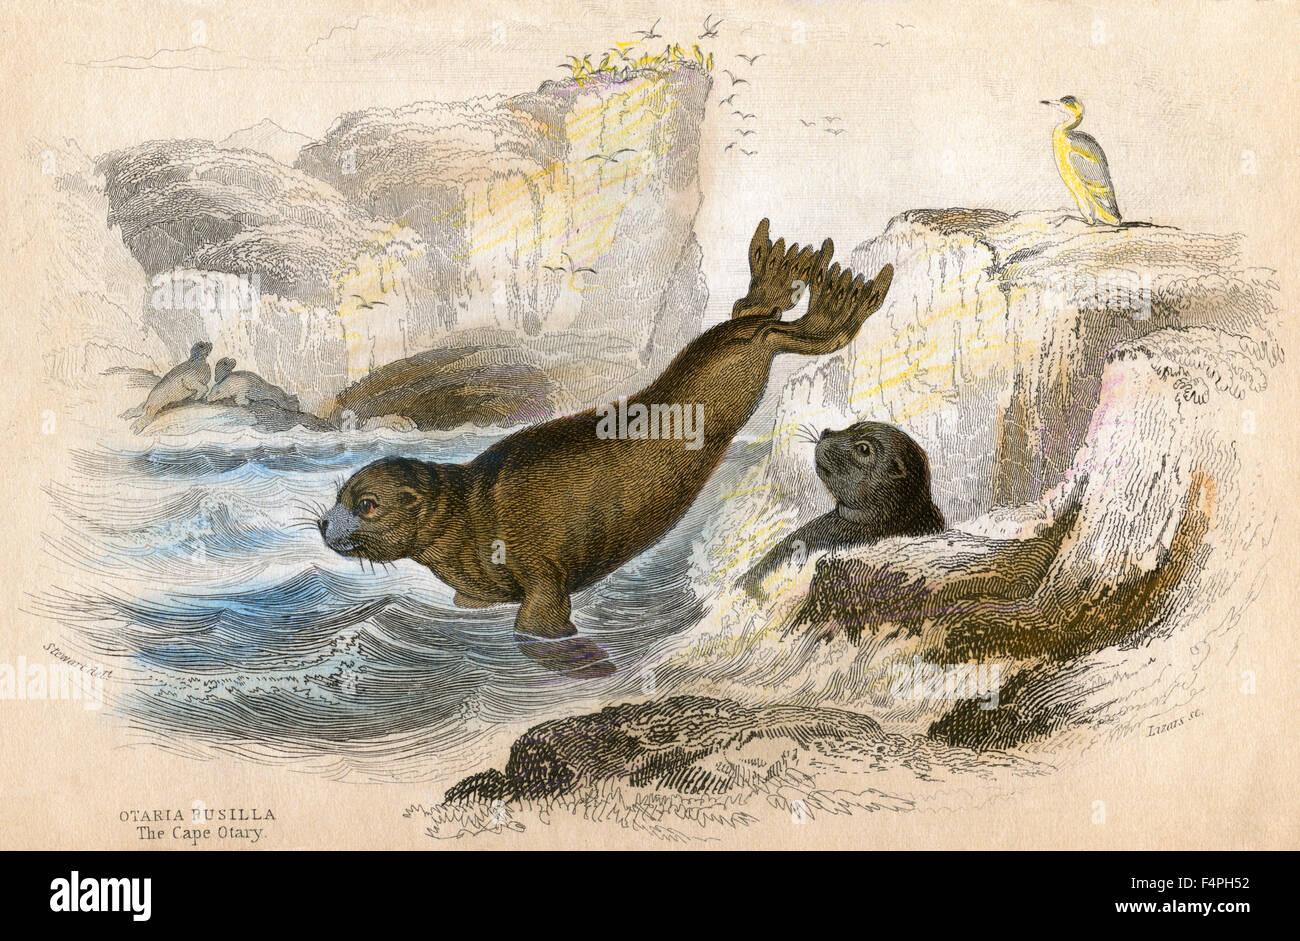 The Cape Otary, Otaria Pusilla, Hand-Colored Lithograph, 1852 - Stock Image